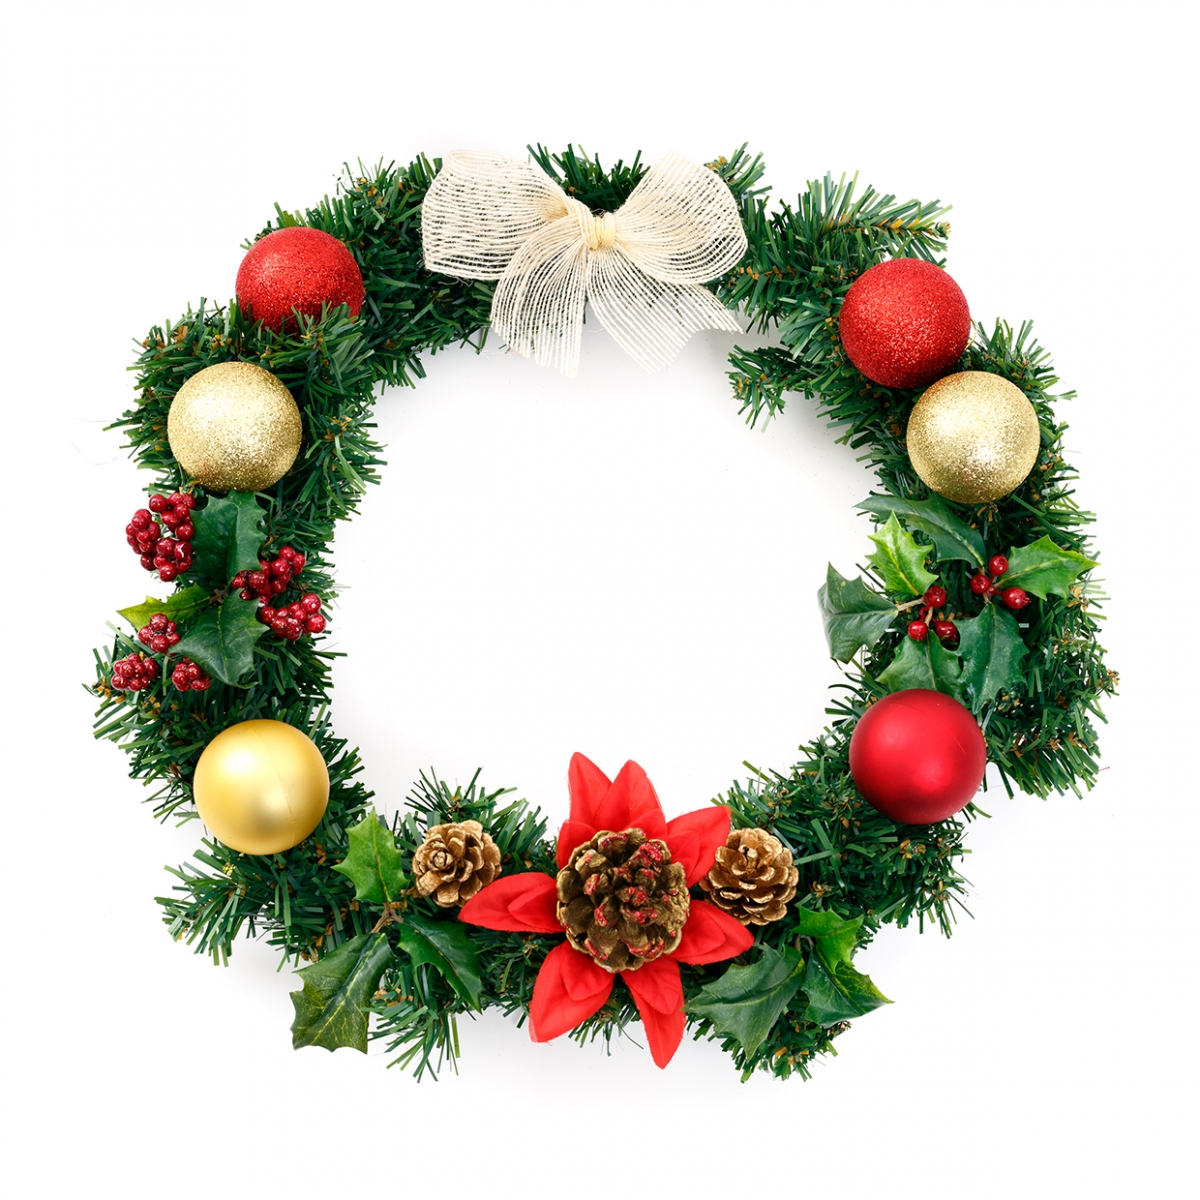 Imagen en la que se ve una corona de flores de Navidad